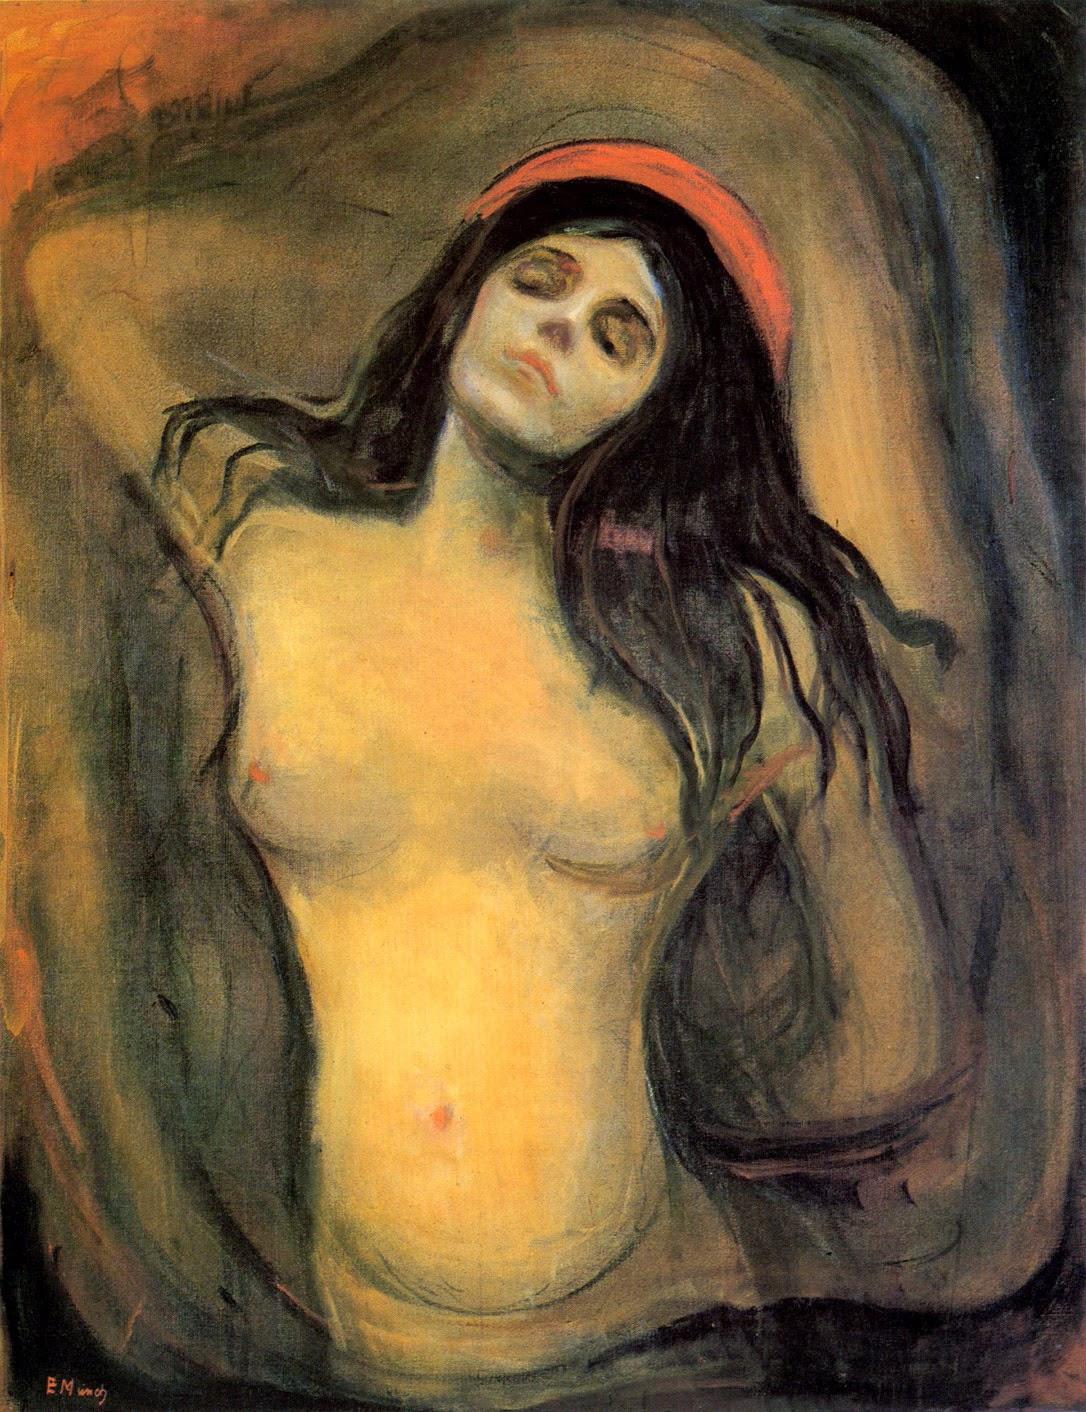 Madona - Munch, Edvard esuas principais pinturas ~ Um grito de desespero existencial